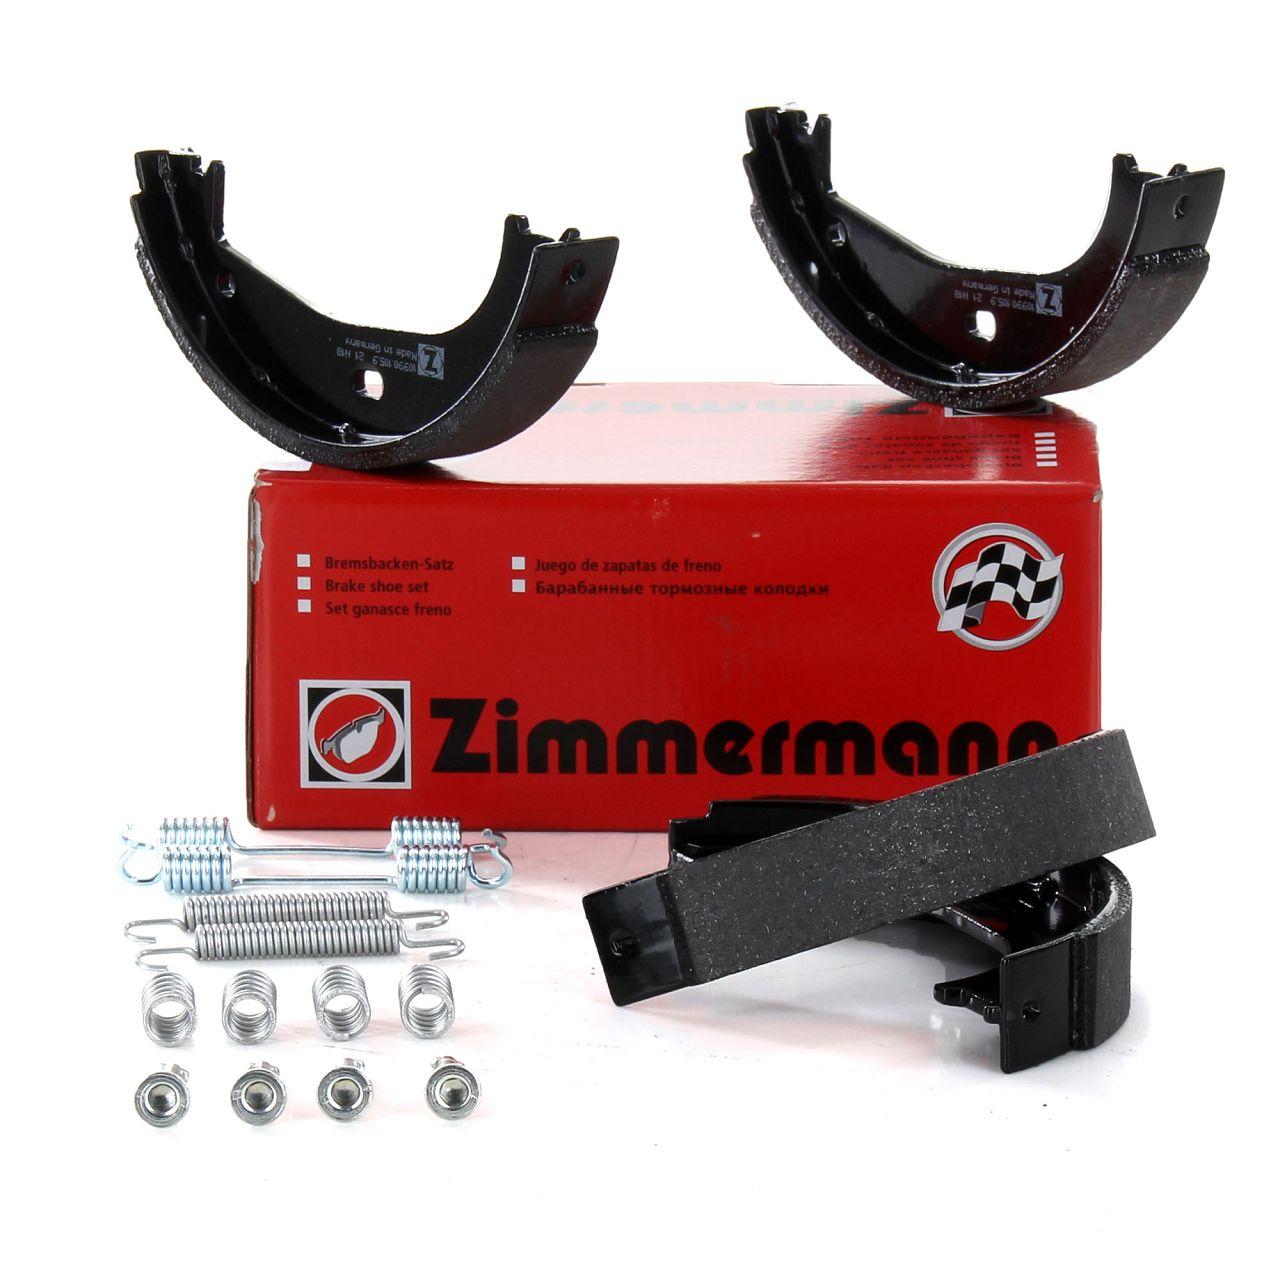 ZIMMERMANN Bremsbacken + Zubehör Satz BMW E36 316-328i 318/325tds Z1 Z3 1.8-3.0